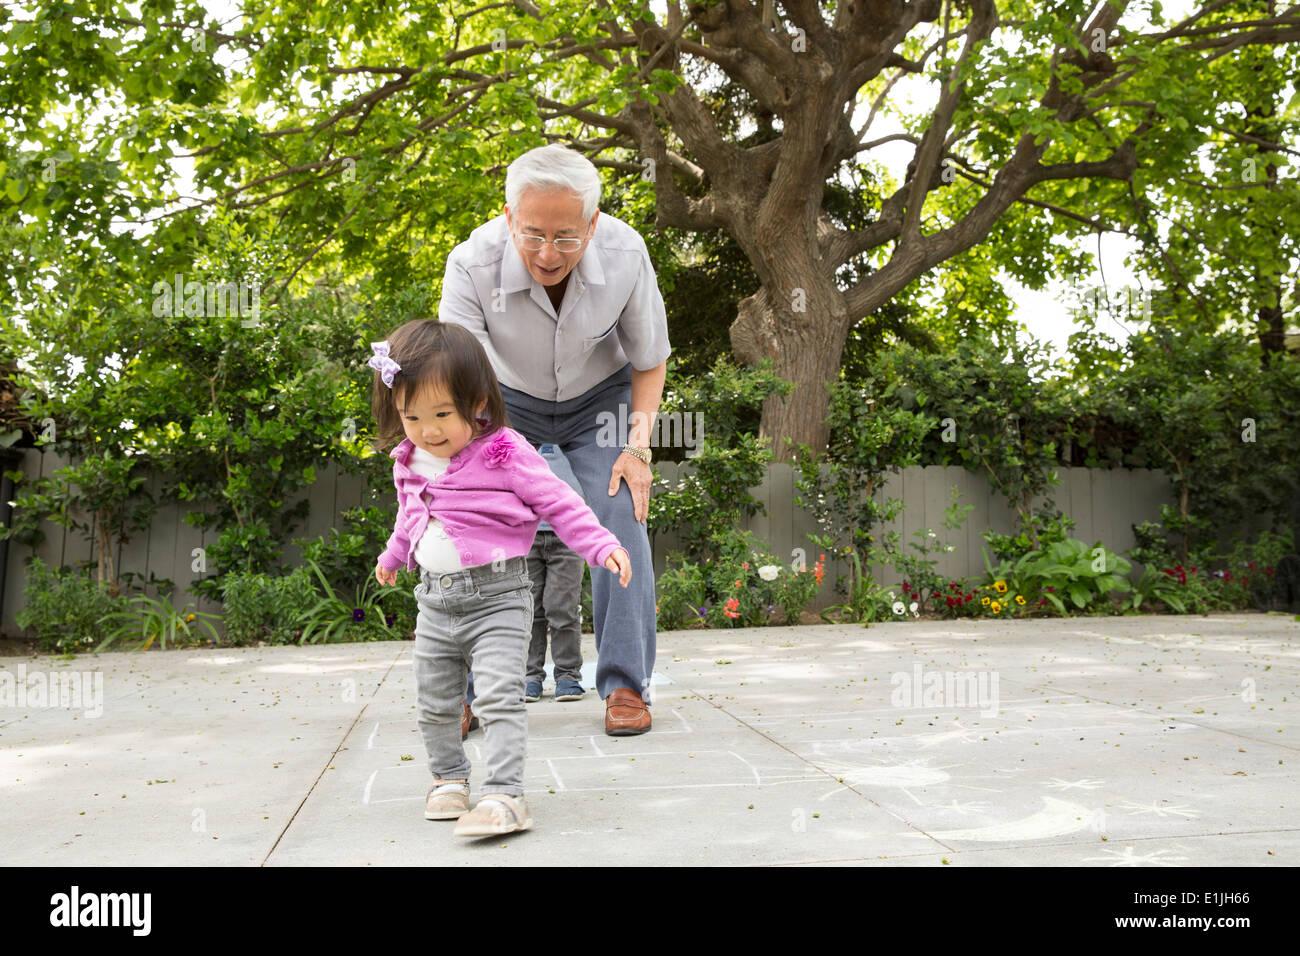 Großvater, Himmel und Hölle mit Kleinkind Enkelin spielen Stockbild